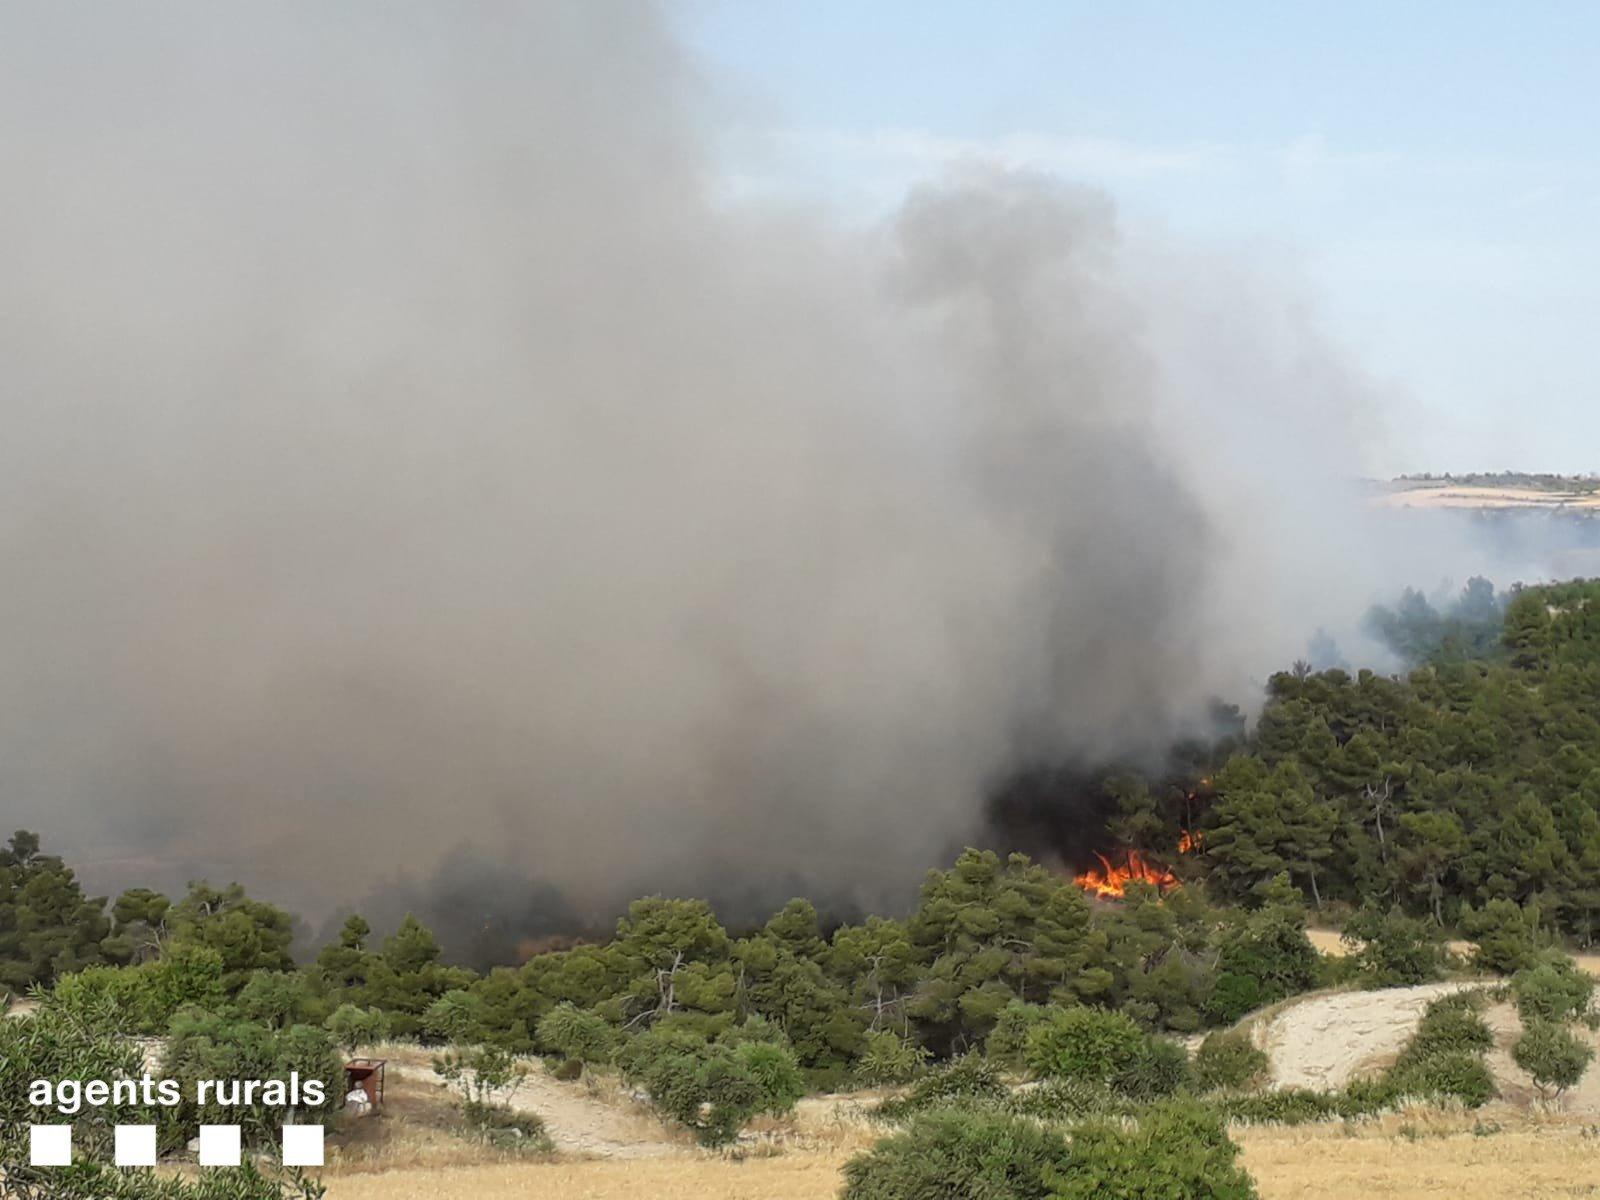 Controlat l'incendi que ha cremat 30 hectàrees de vegetació forestal i agrícola entre Nalec i Rocafort